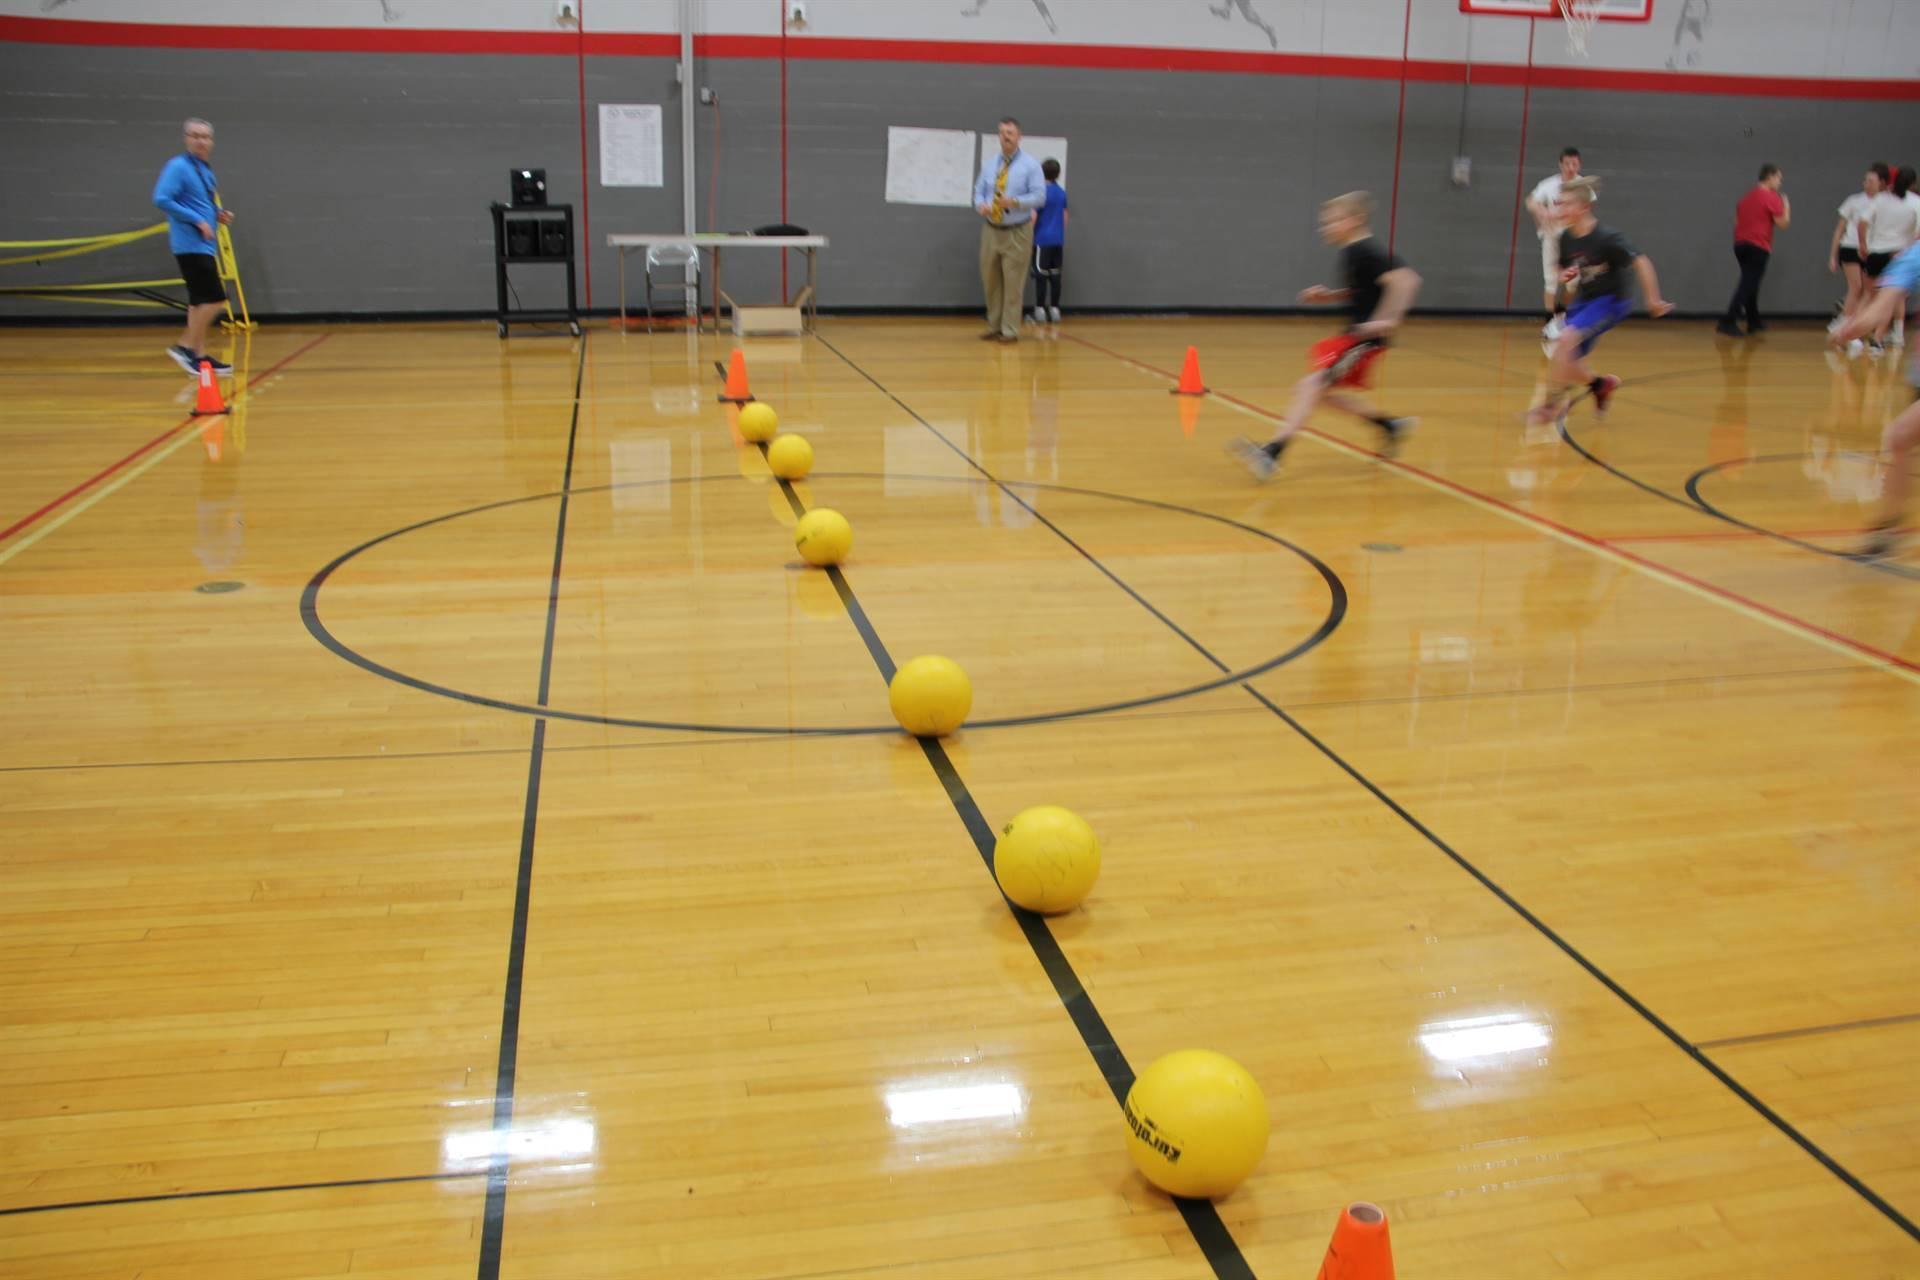 students running towards dodgeballs